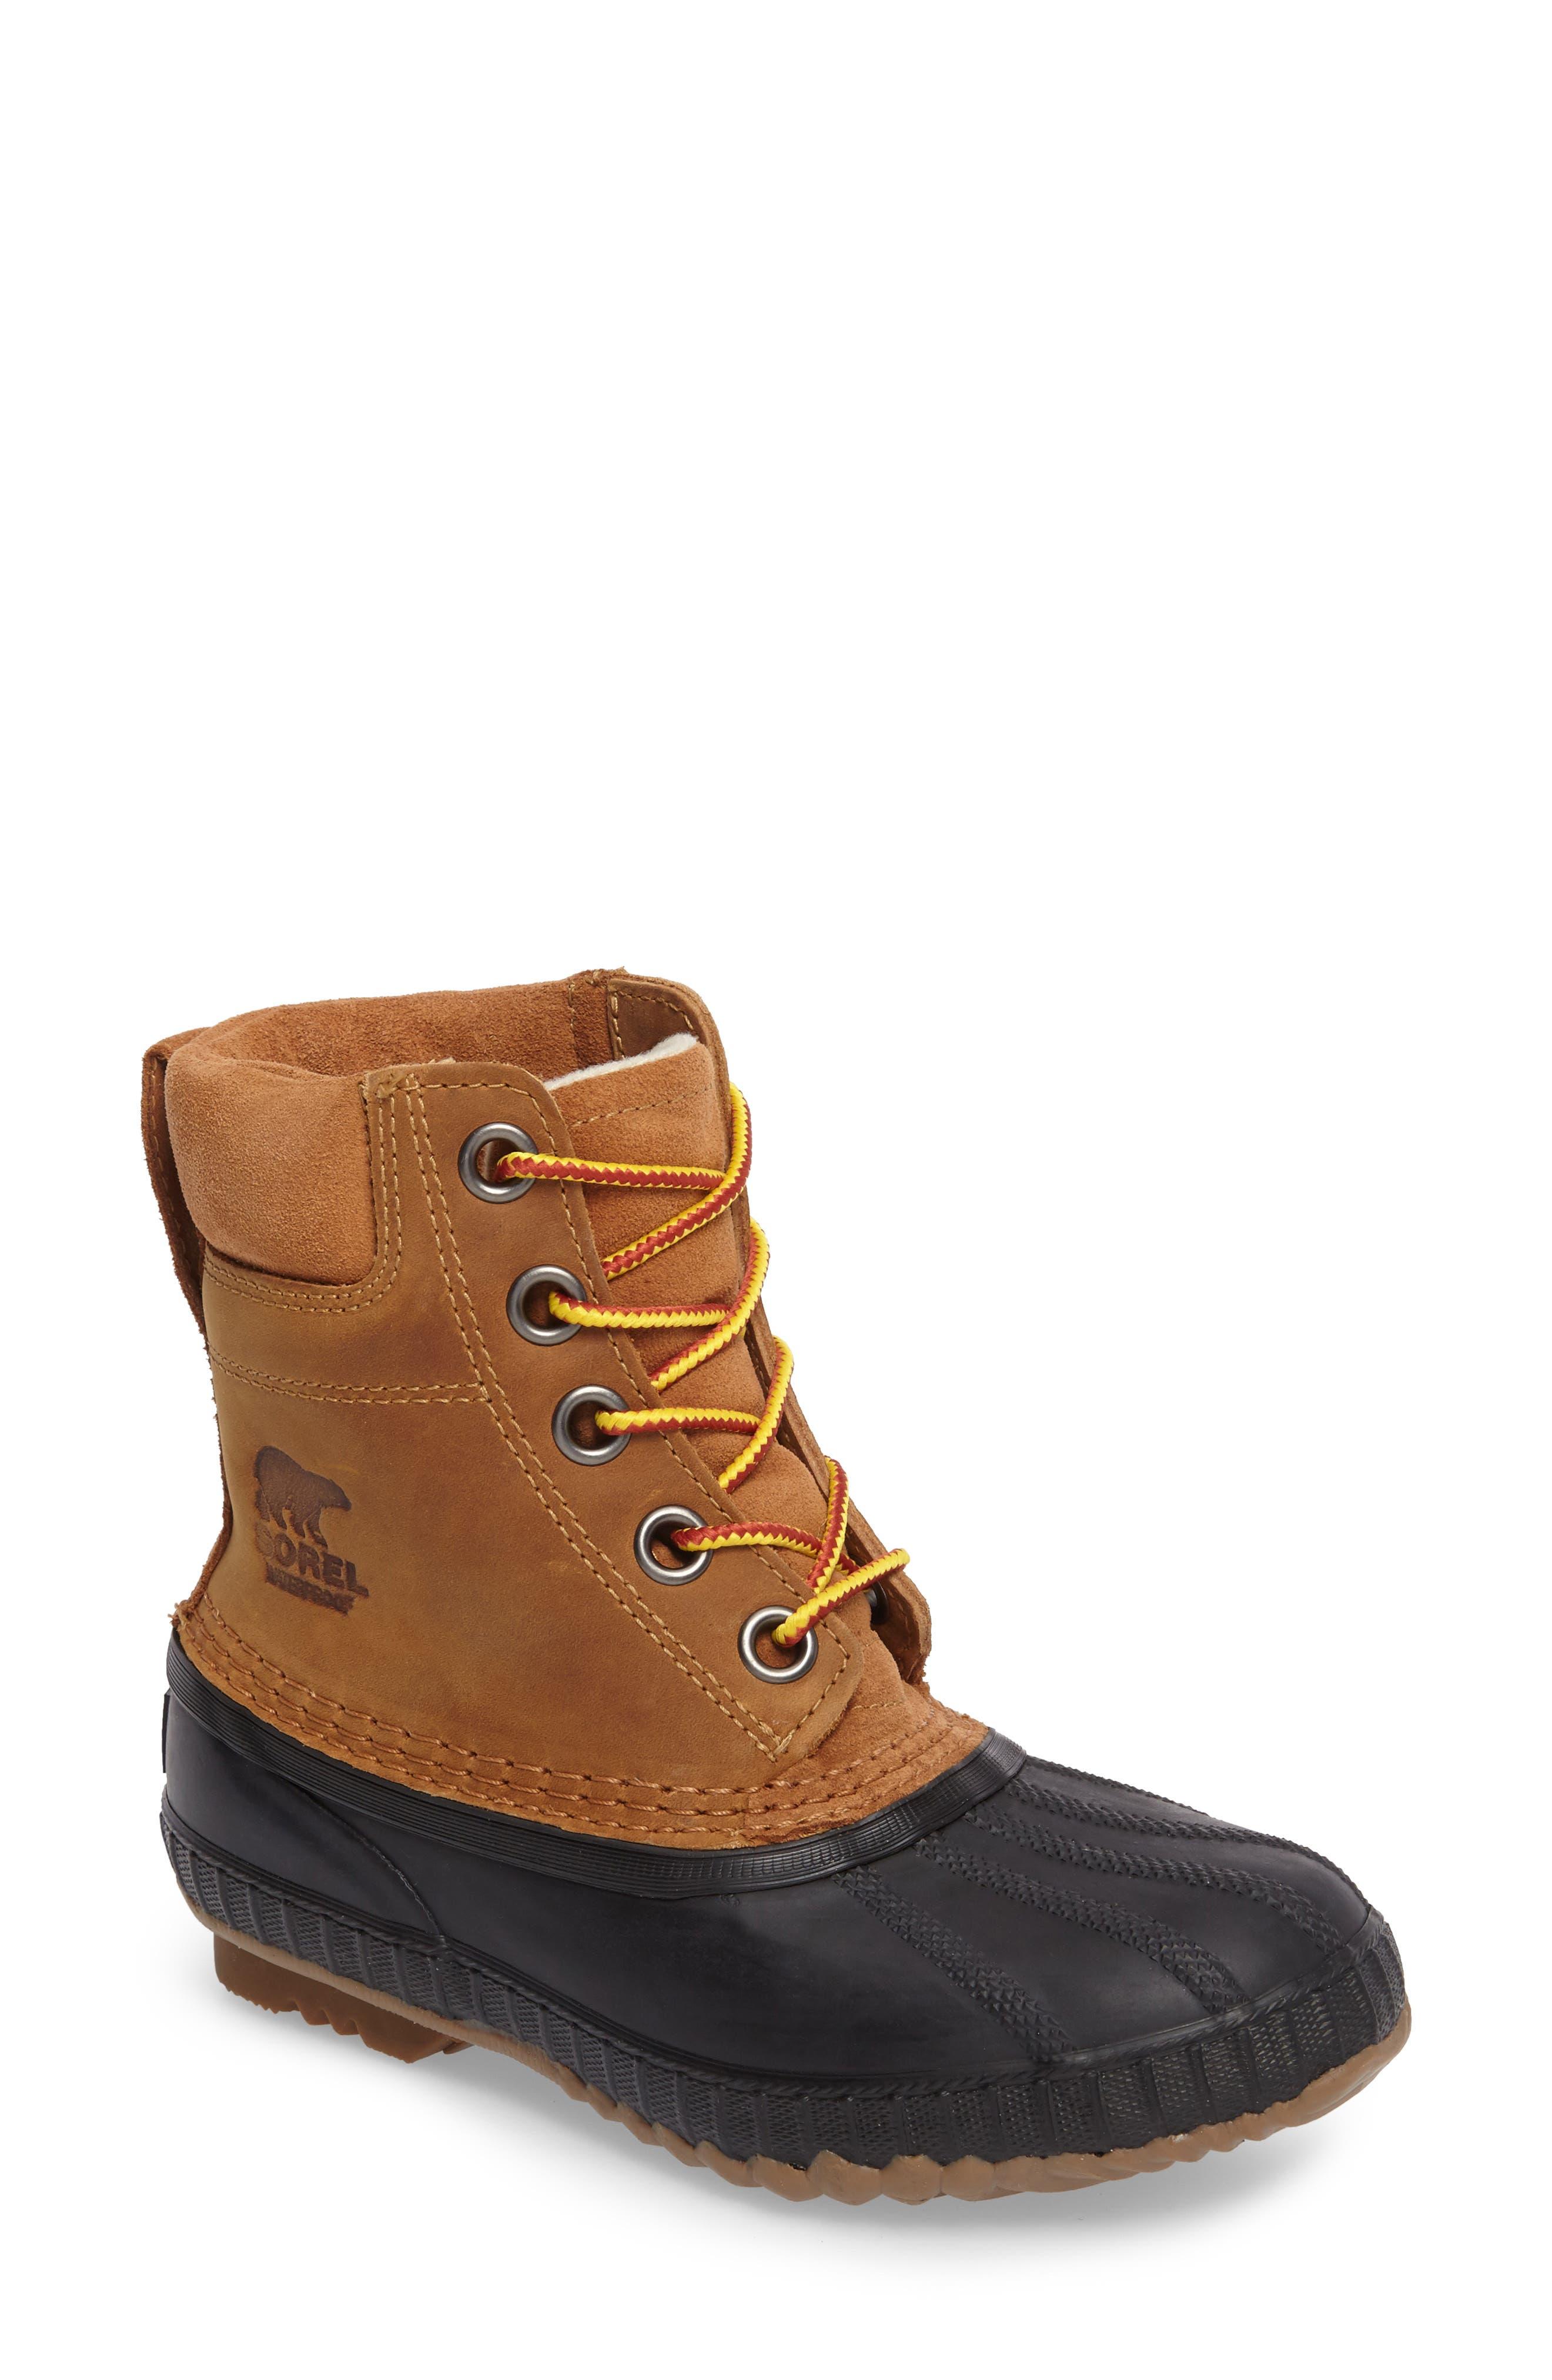 Cheyanne<sup>™</sup> II Waterproof Boot,                             Main thumbnail 1, color,                             ELK BLACK